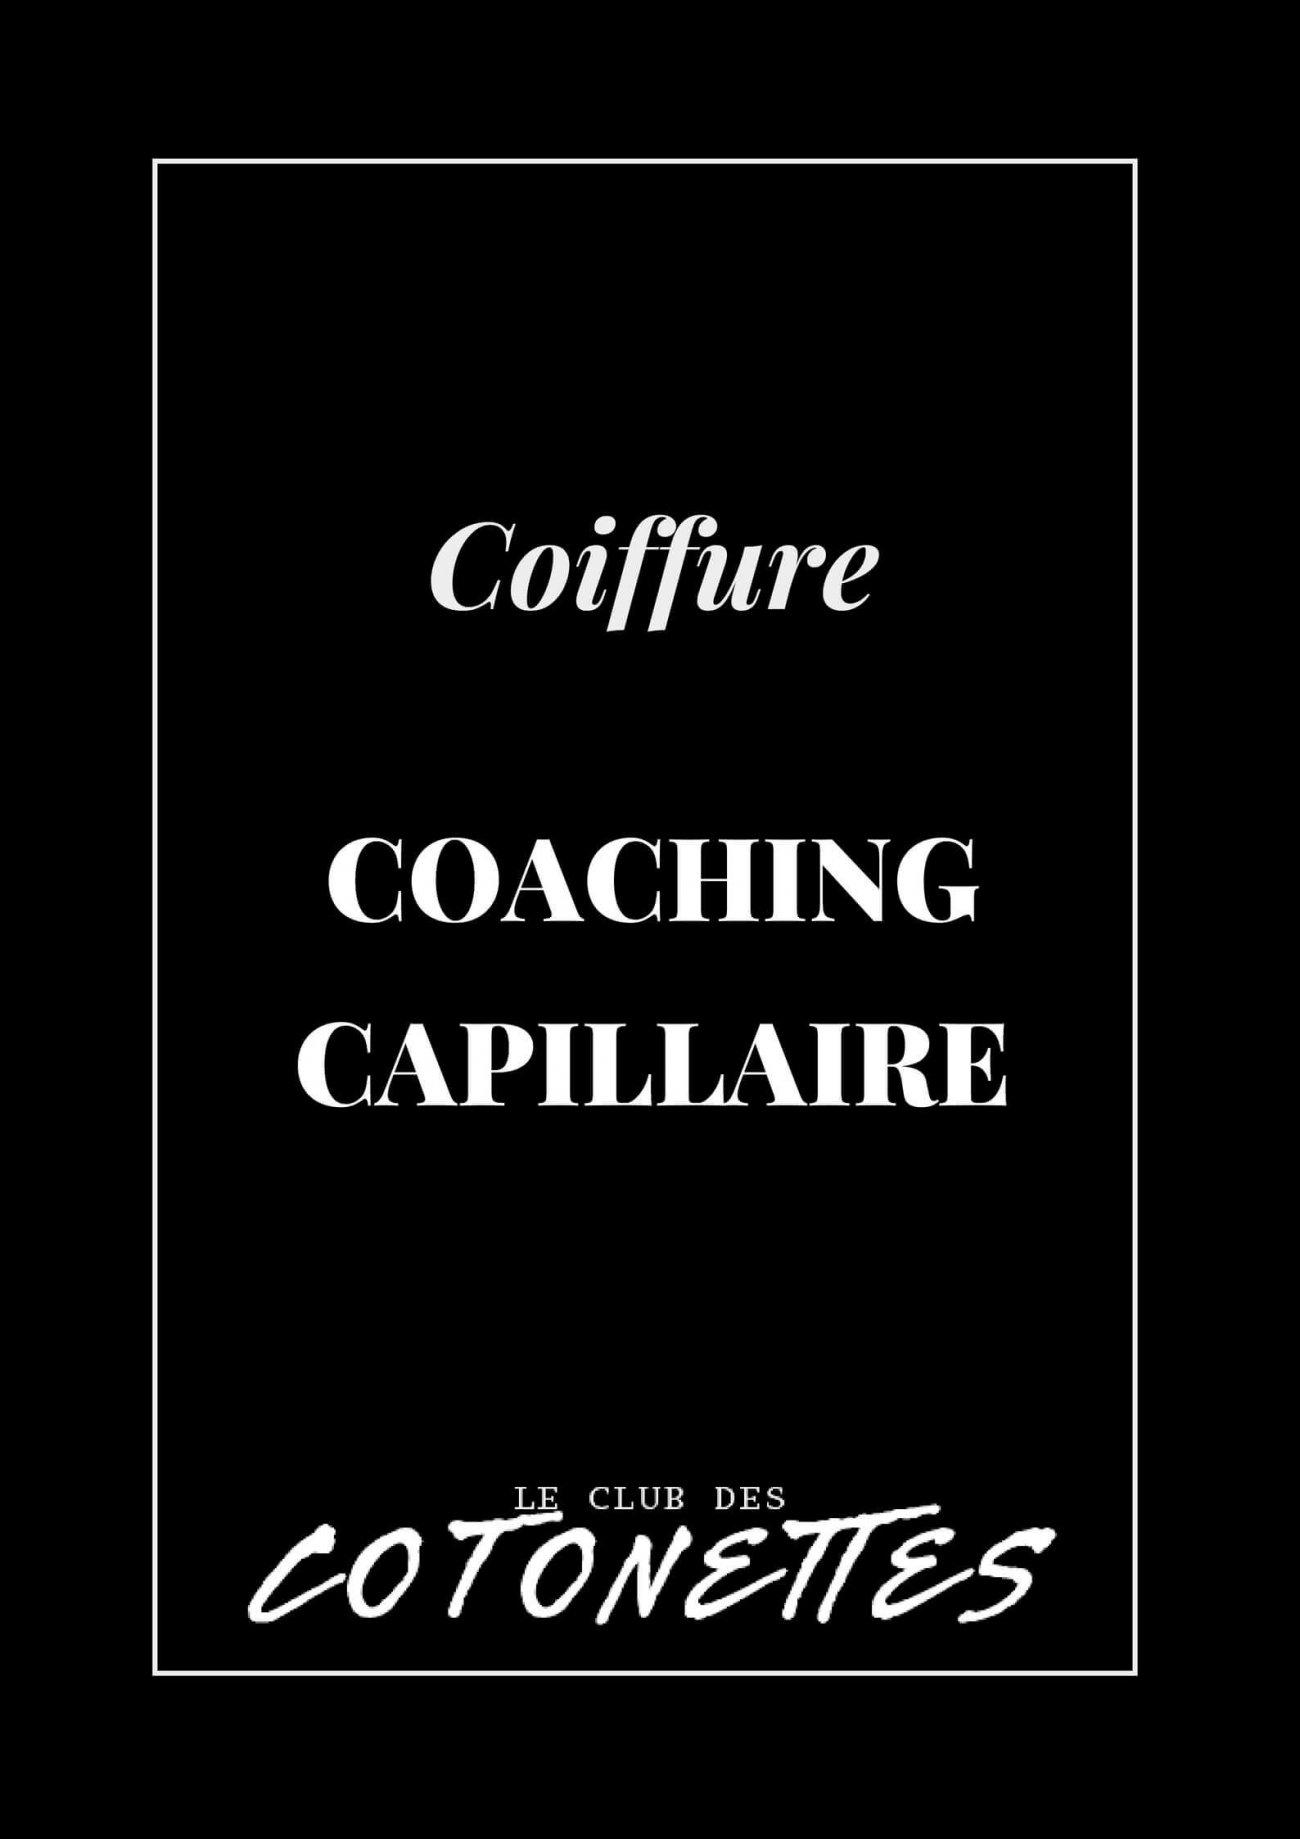 Séance de Coaching Capillaire